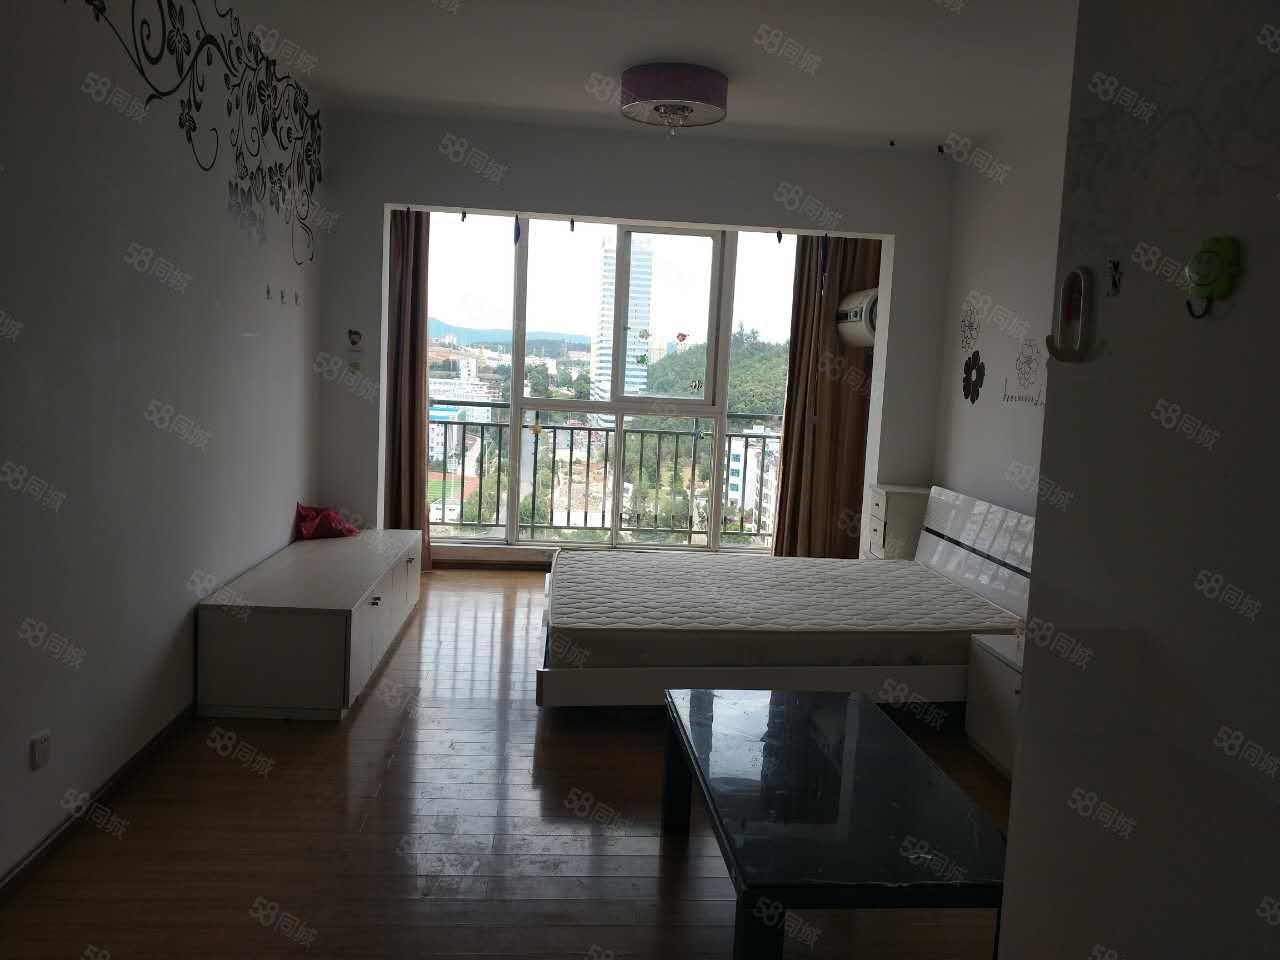 师院附近盛世庭院一室一厅单身公寓精装修